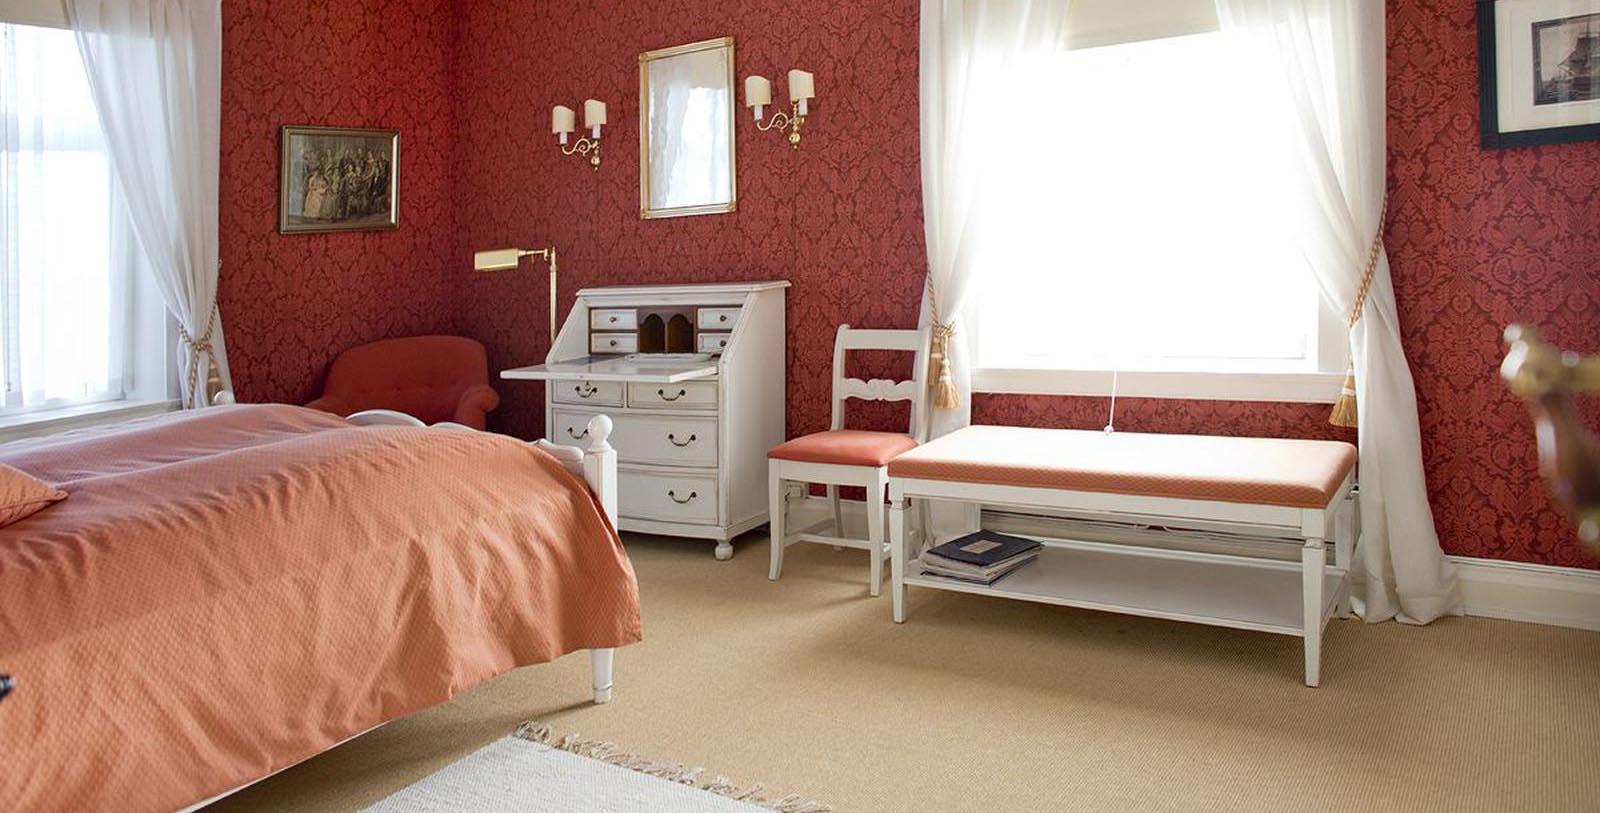 Image of Guestroom Interior Høyevarde Fyrhotell, 1700, Member of Historic Hotels Worldwide, in Havik, Norway, Accommodations